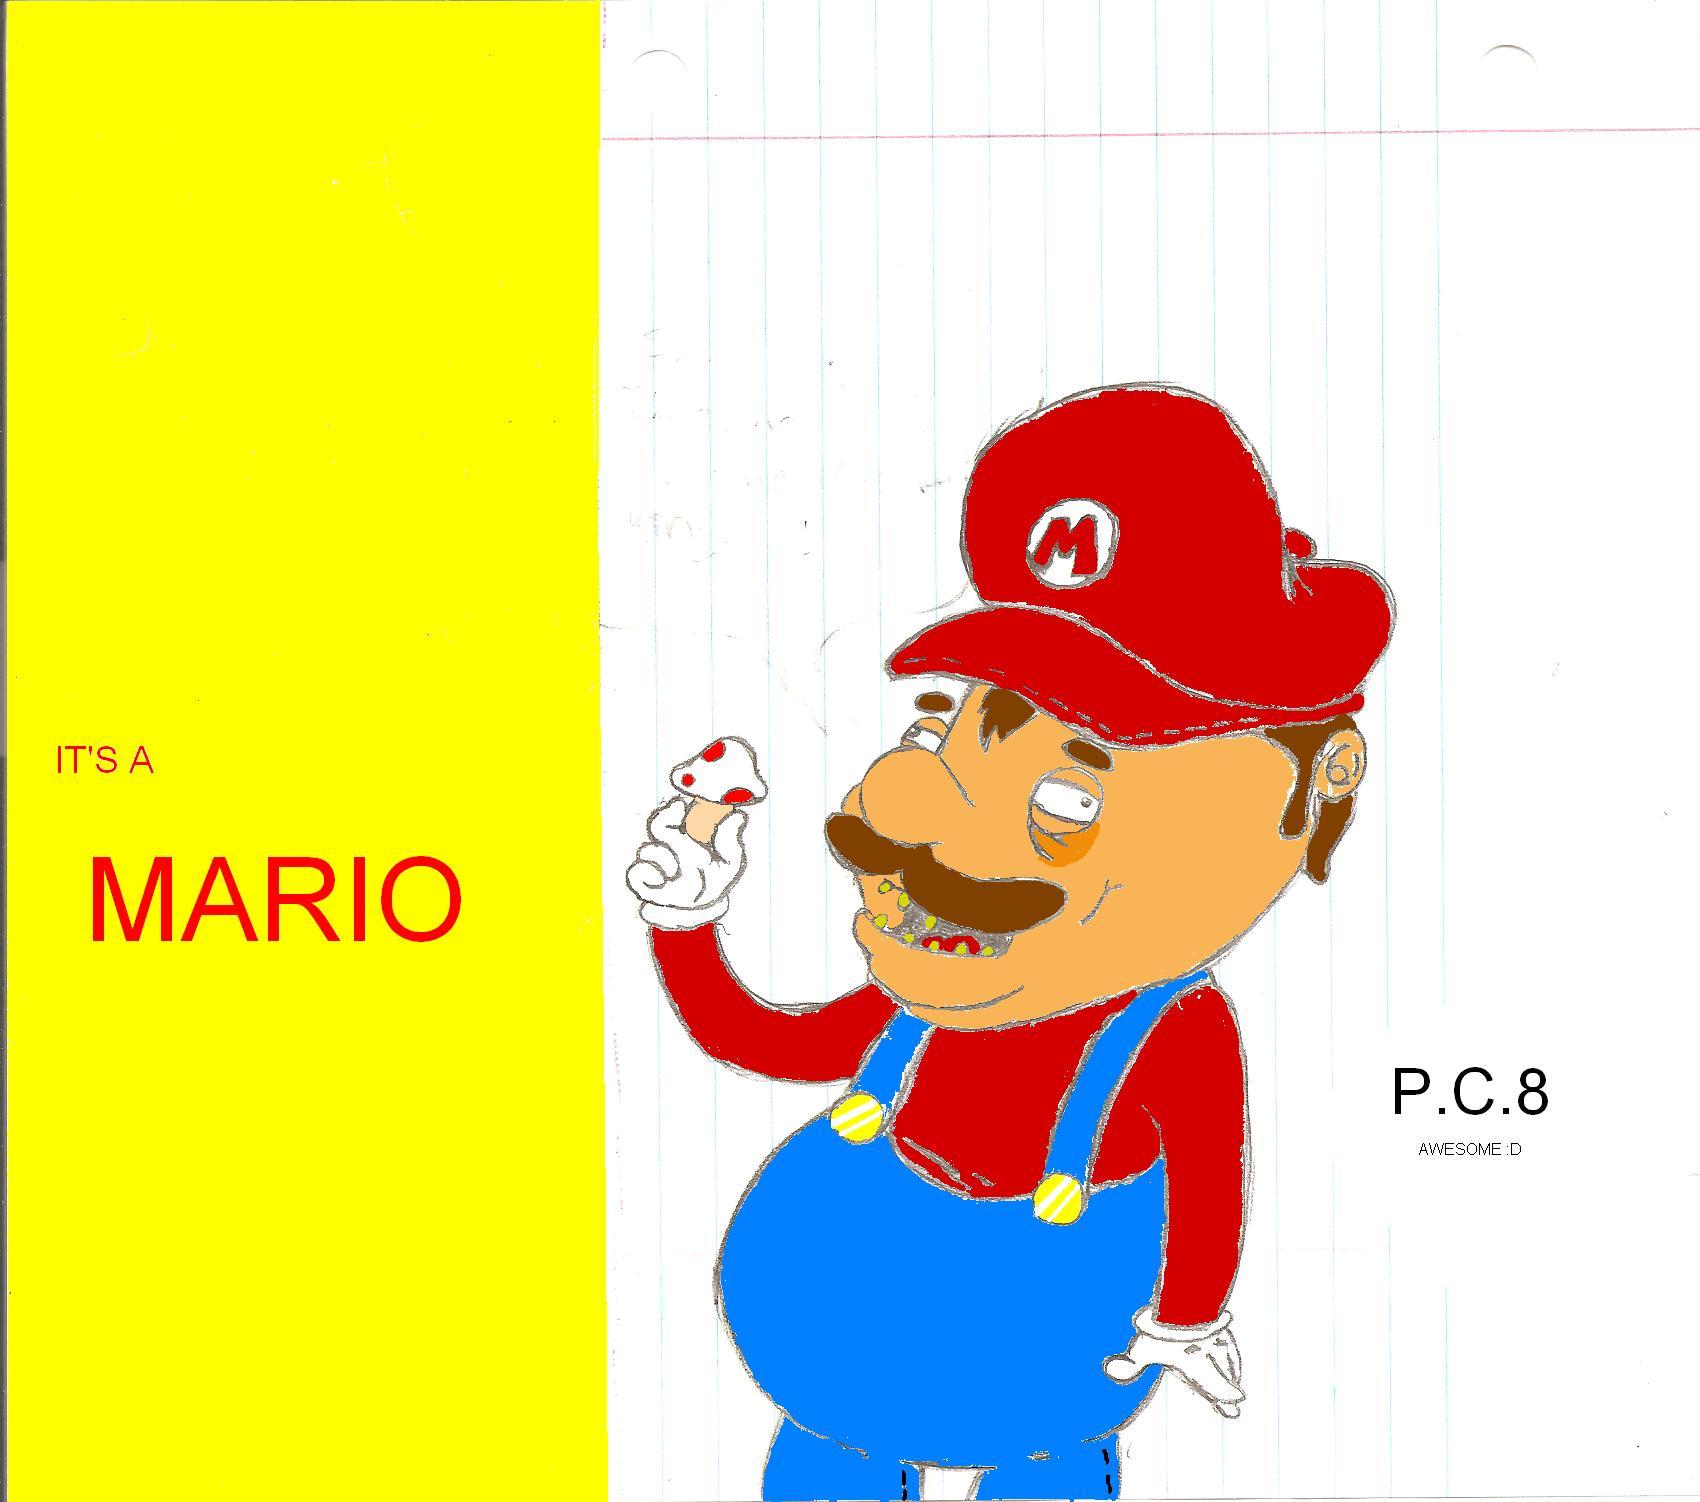 It's A Mario